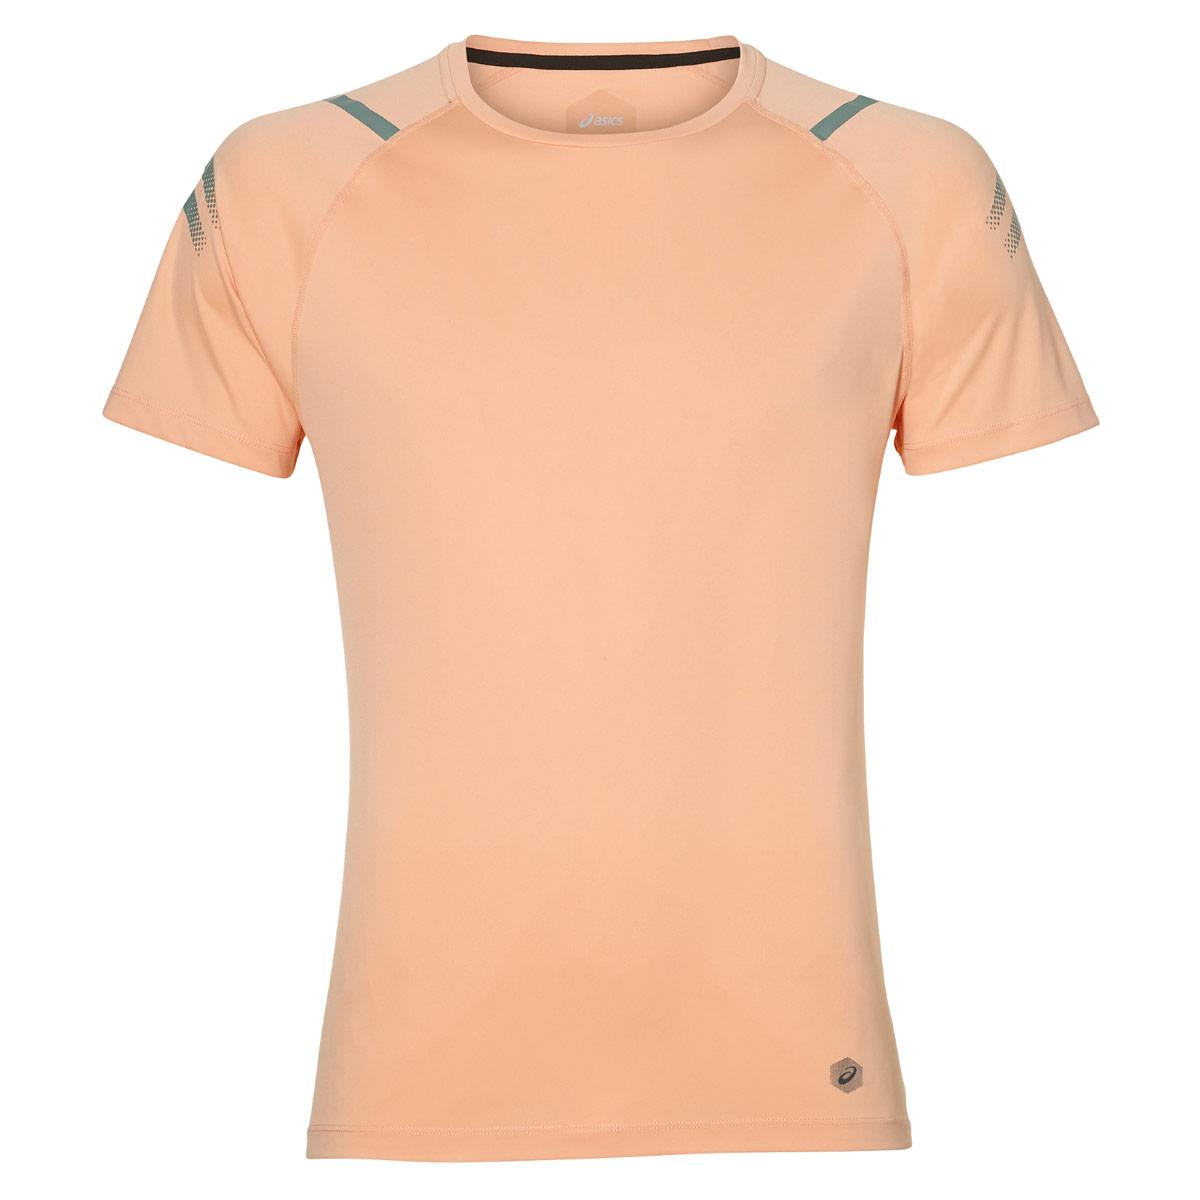 Tops Icon Pink Top Running Asics For Men ulJFKcT13